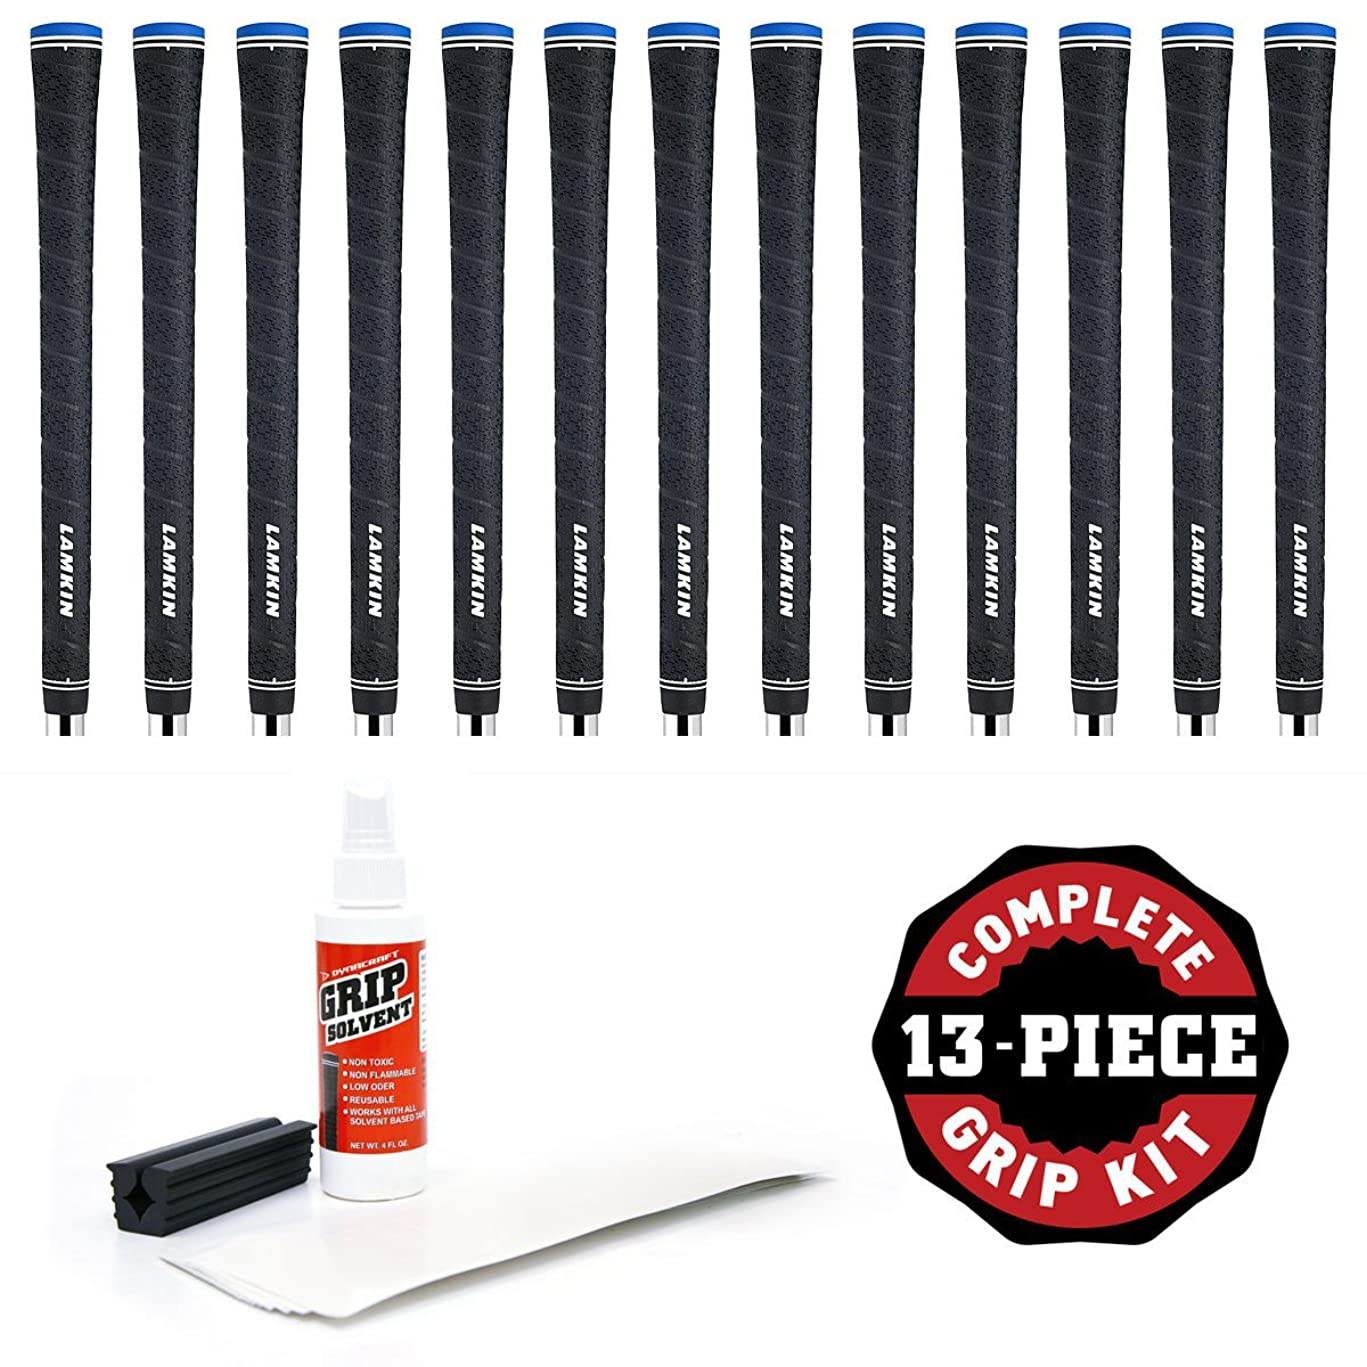 ひねりずらす完了Lamkin UTxラップ0.580グリップキットwithテープ、溶剤、バイスクランプ( 13-piece、ブラック、中堅企業